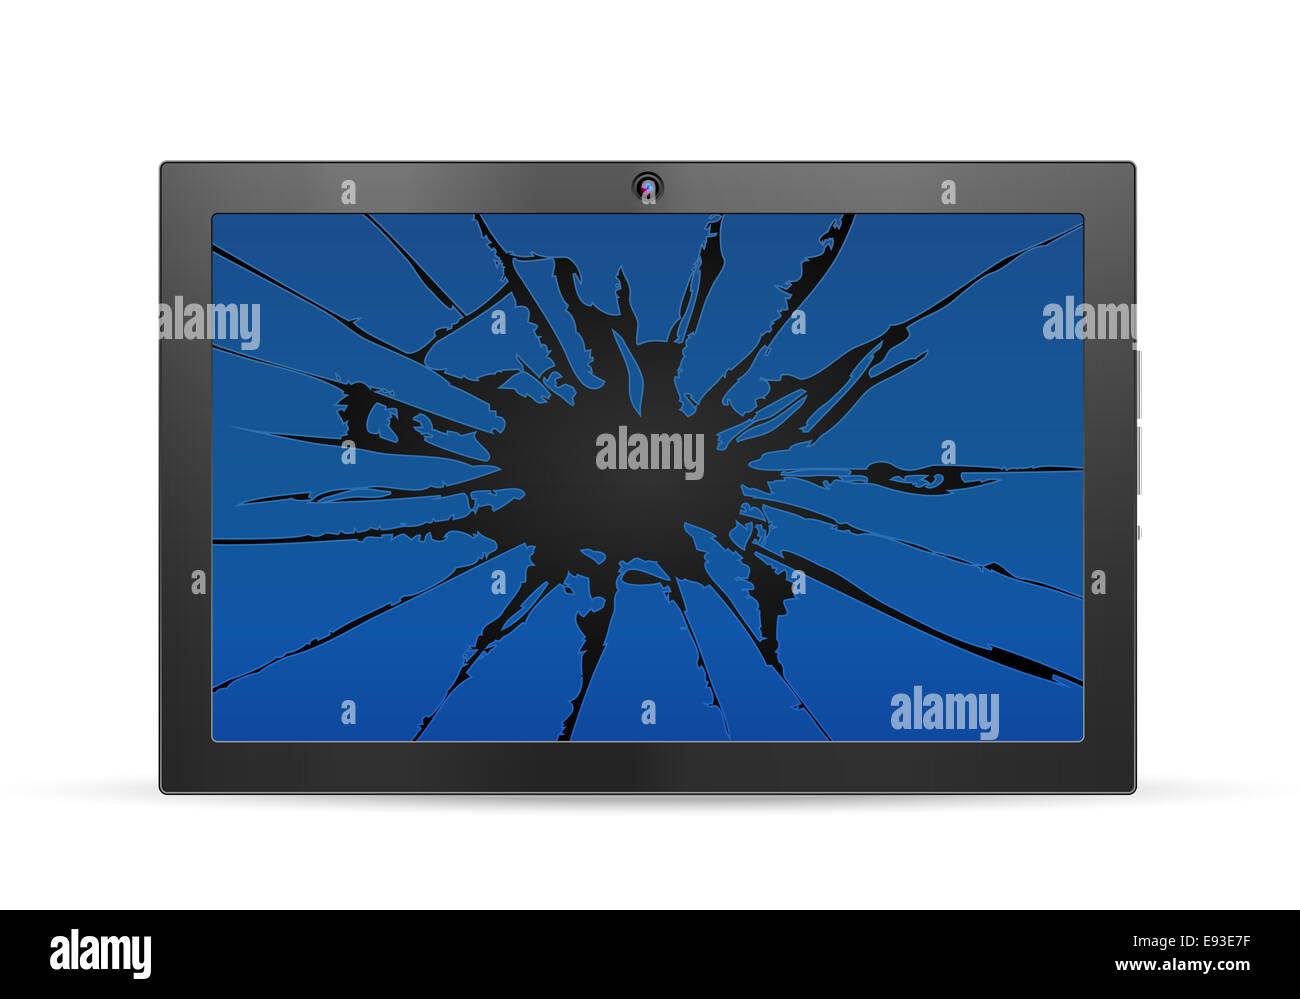 Pc Rotto Immagini Pc Rotto Fotos Stock Alamy